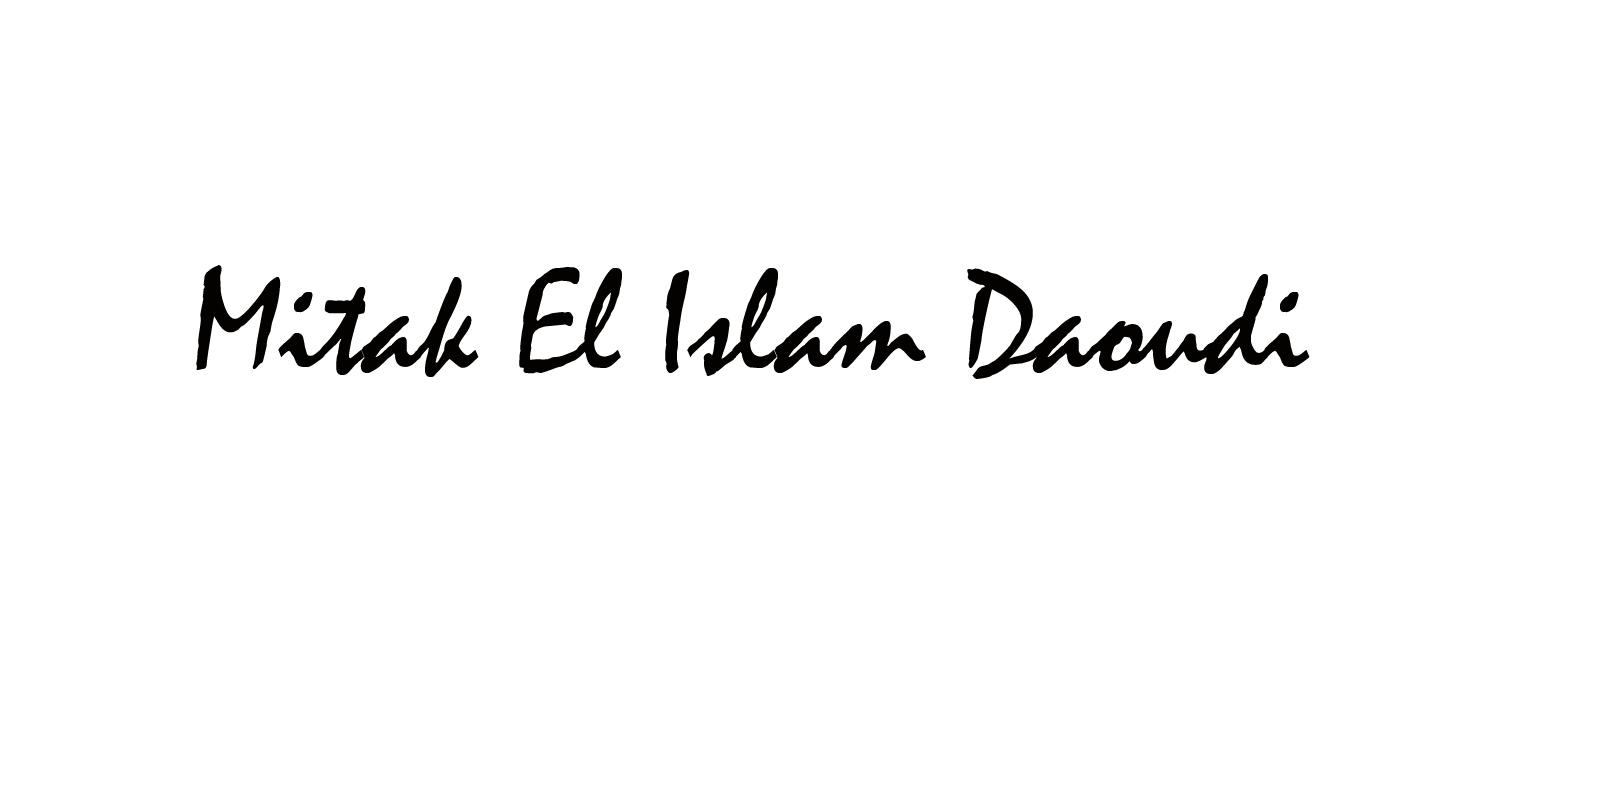 Mitak El Islam Daoudi's Signature